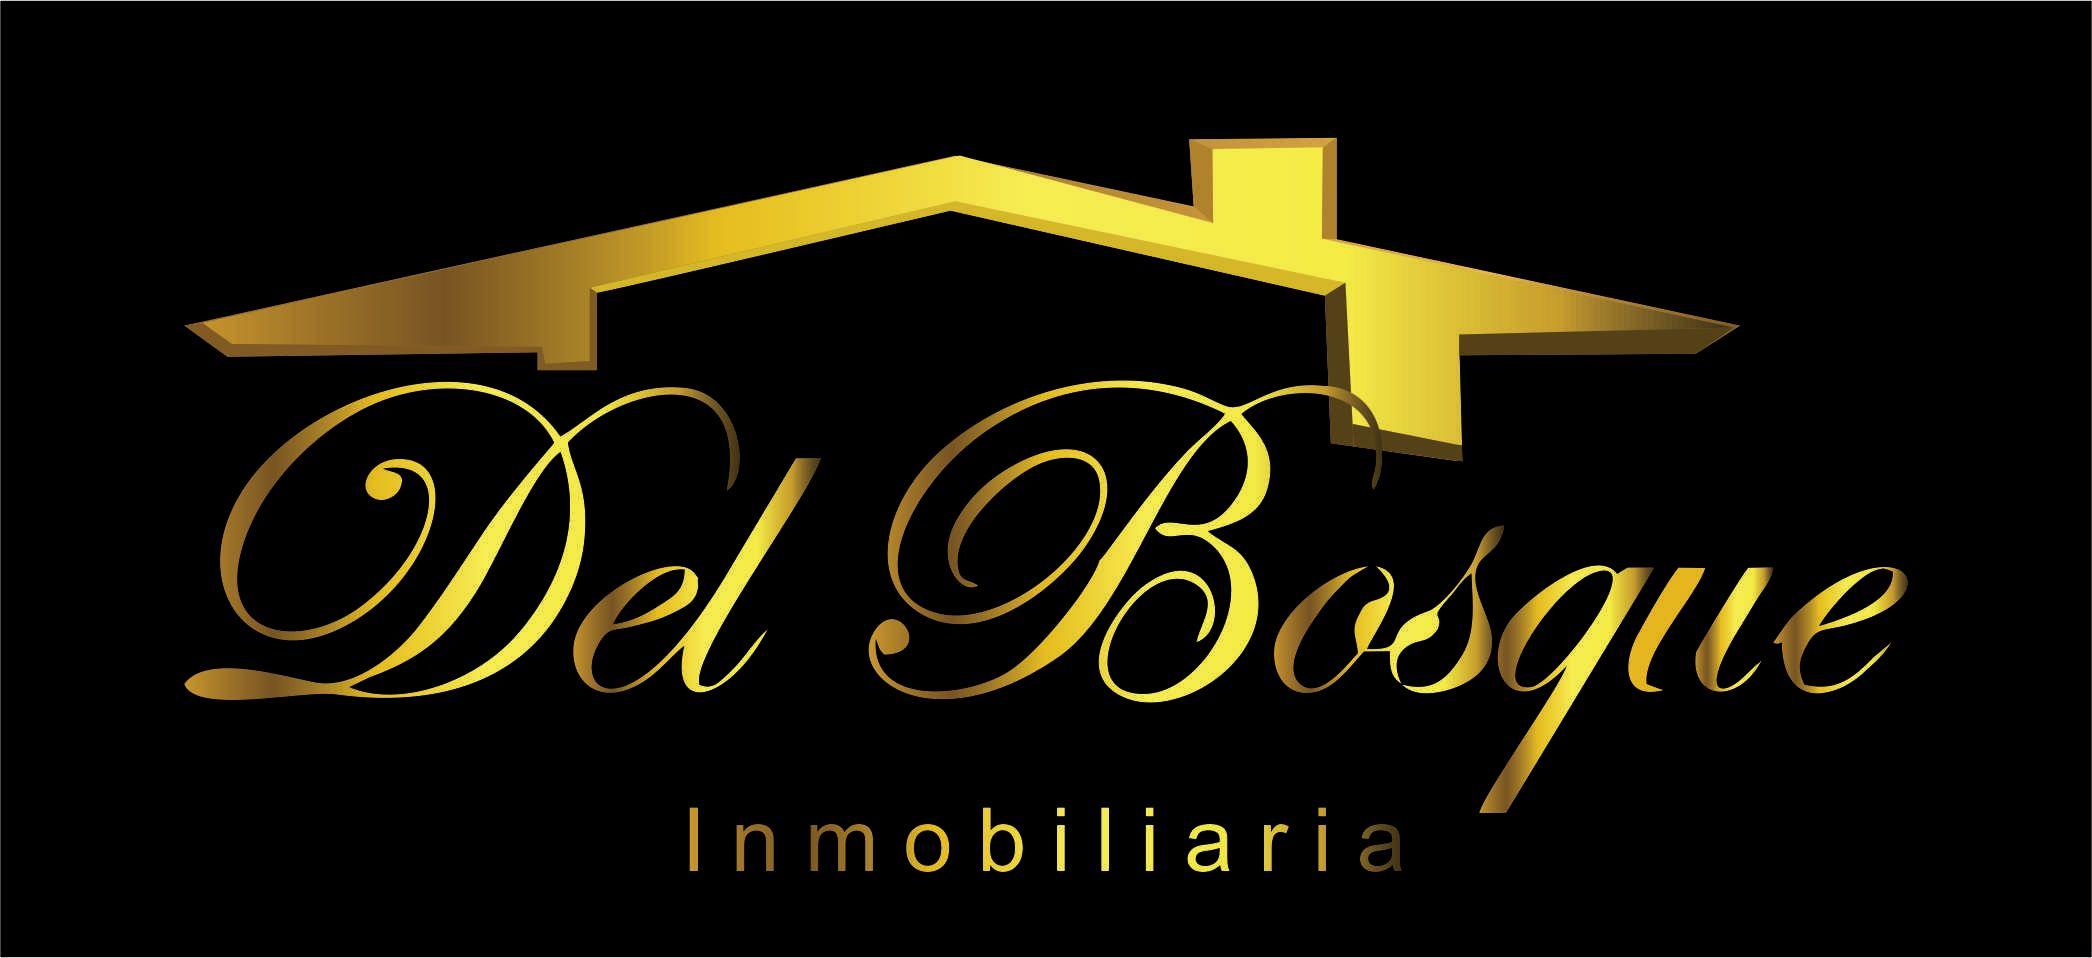 Logo de  Del Bosquegdl